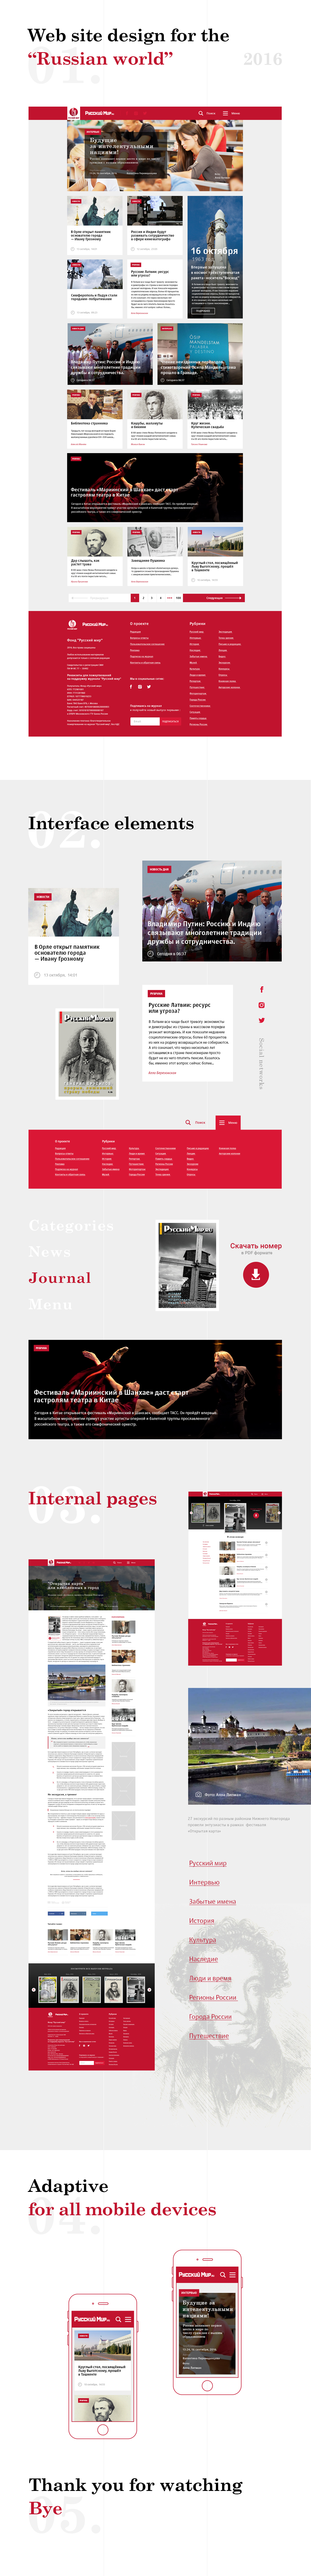 Сайты фриланса хабр как стать фрилансером веб дизайнером